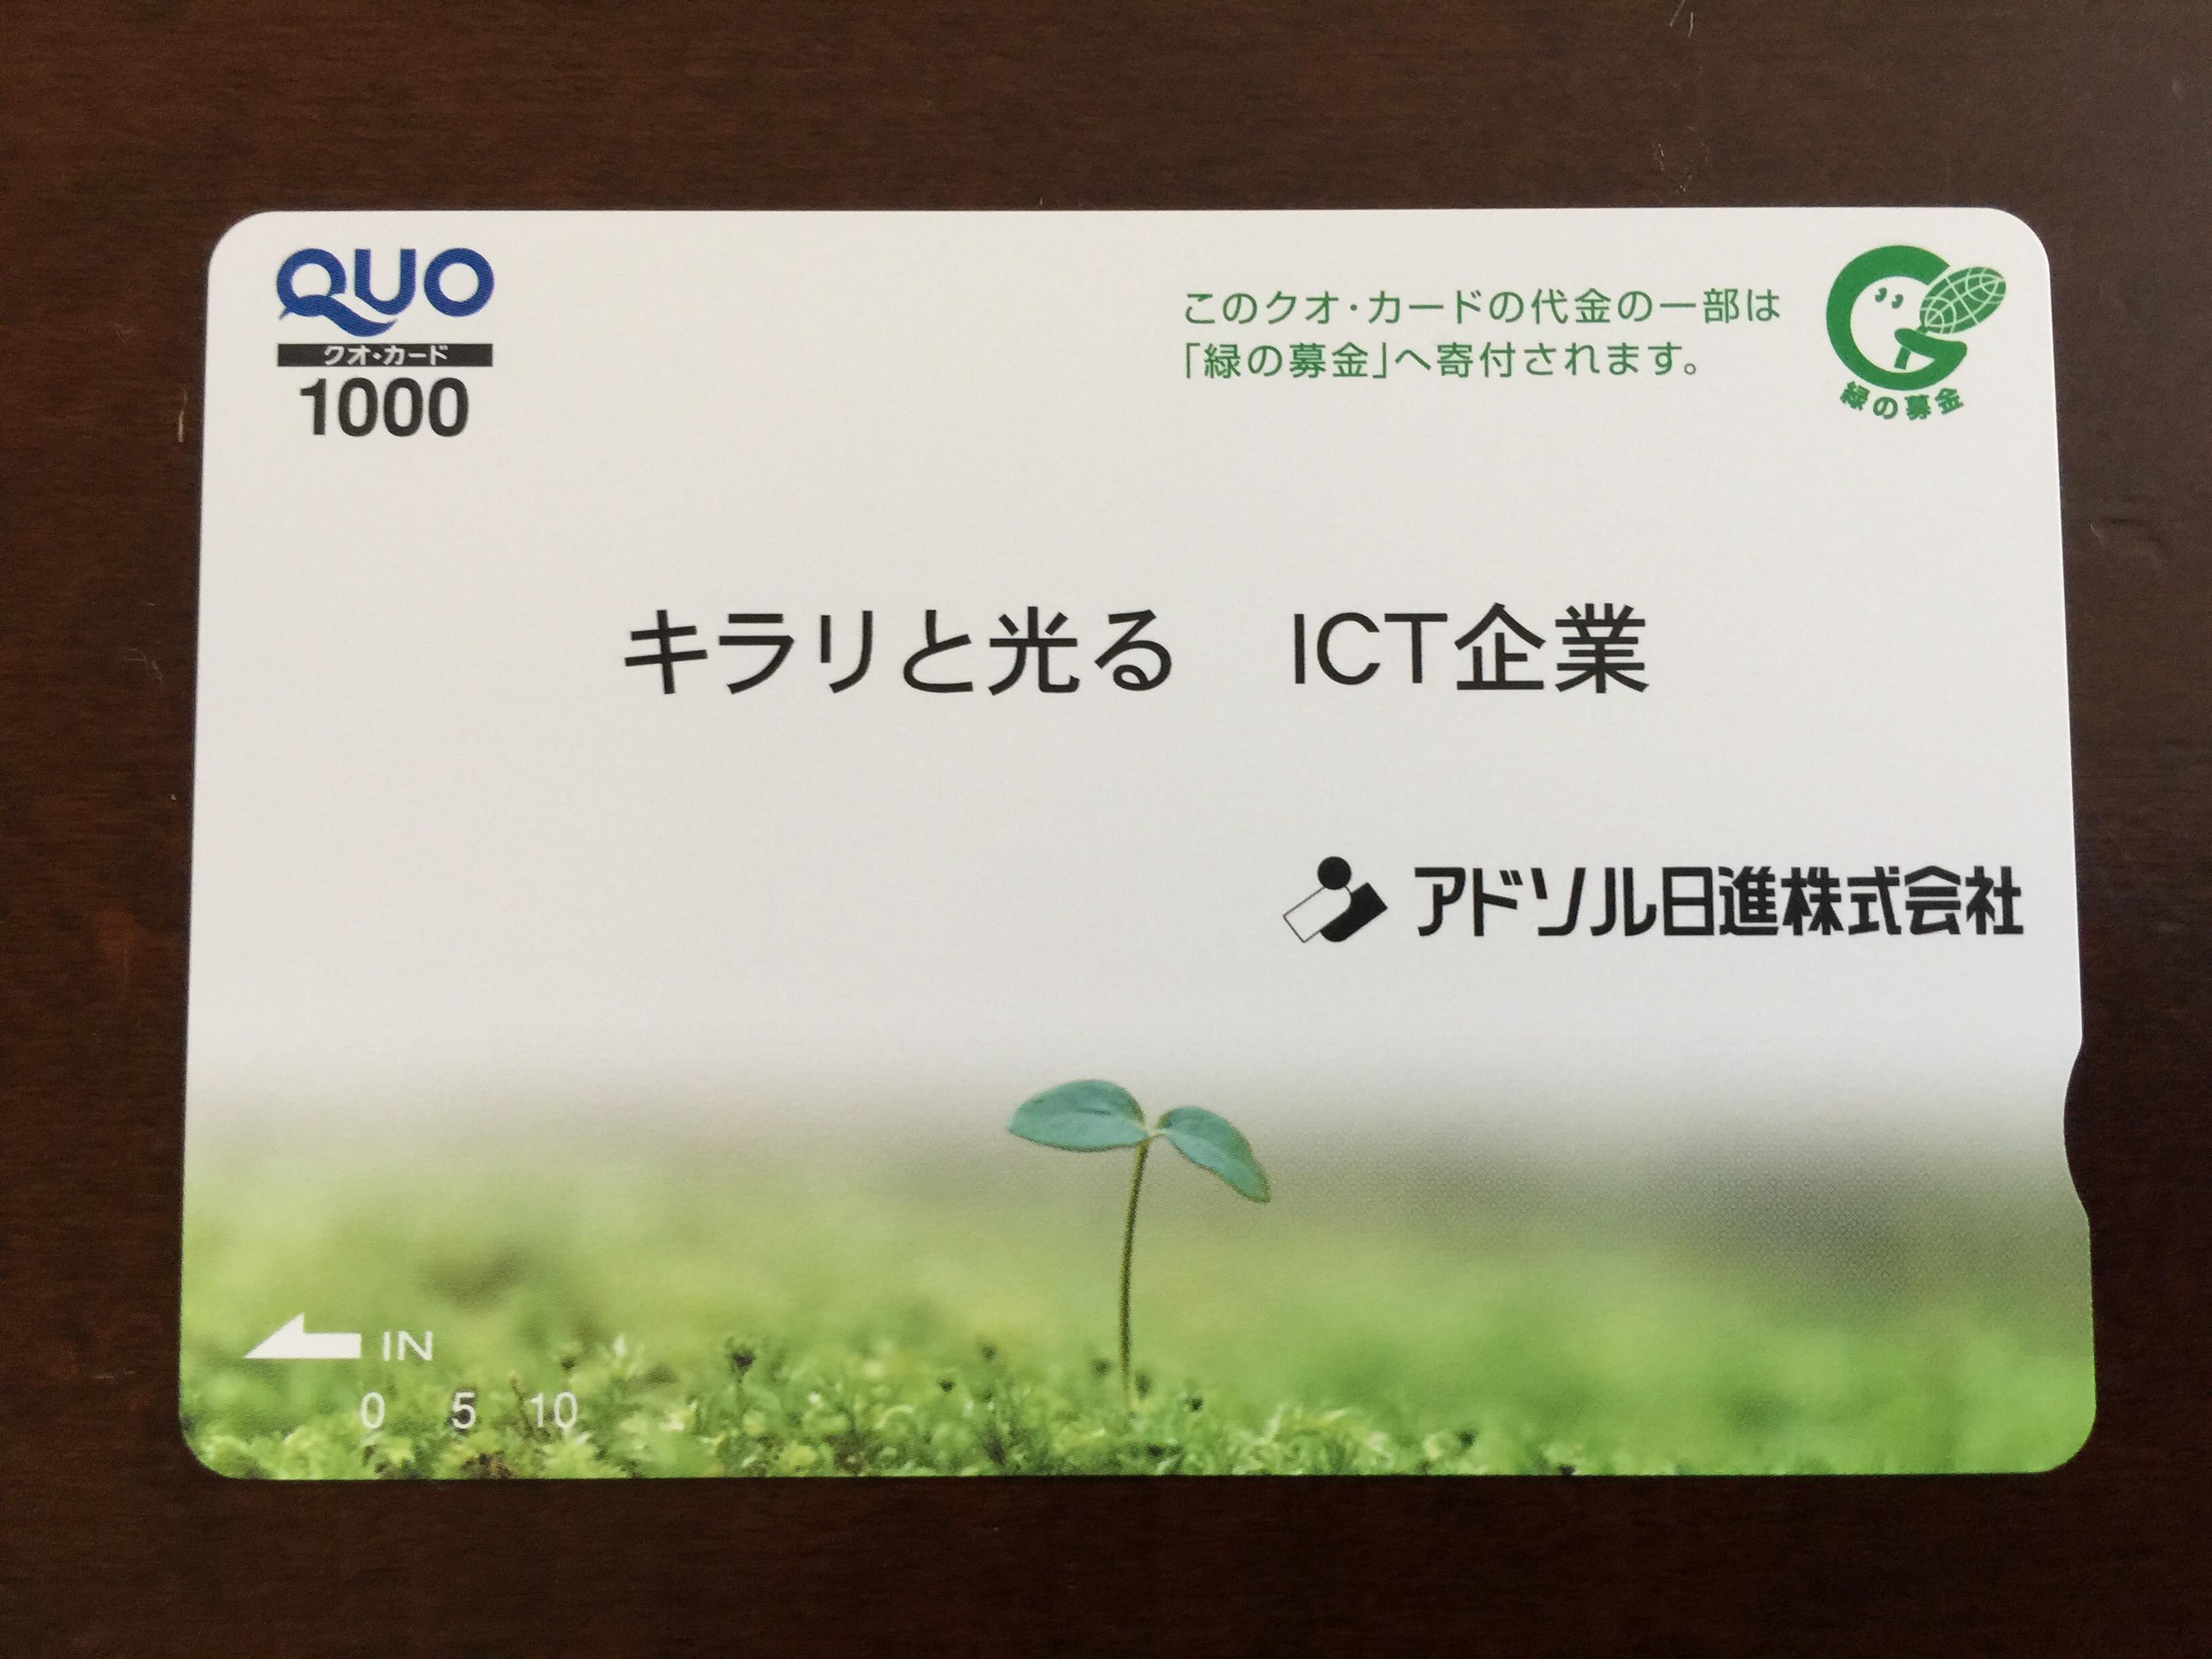 アドソル日進の株主優待 1年以上の継続保有でクオカード500円追加に